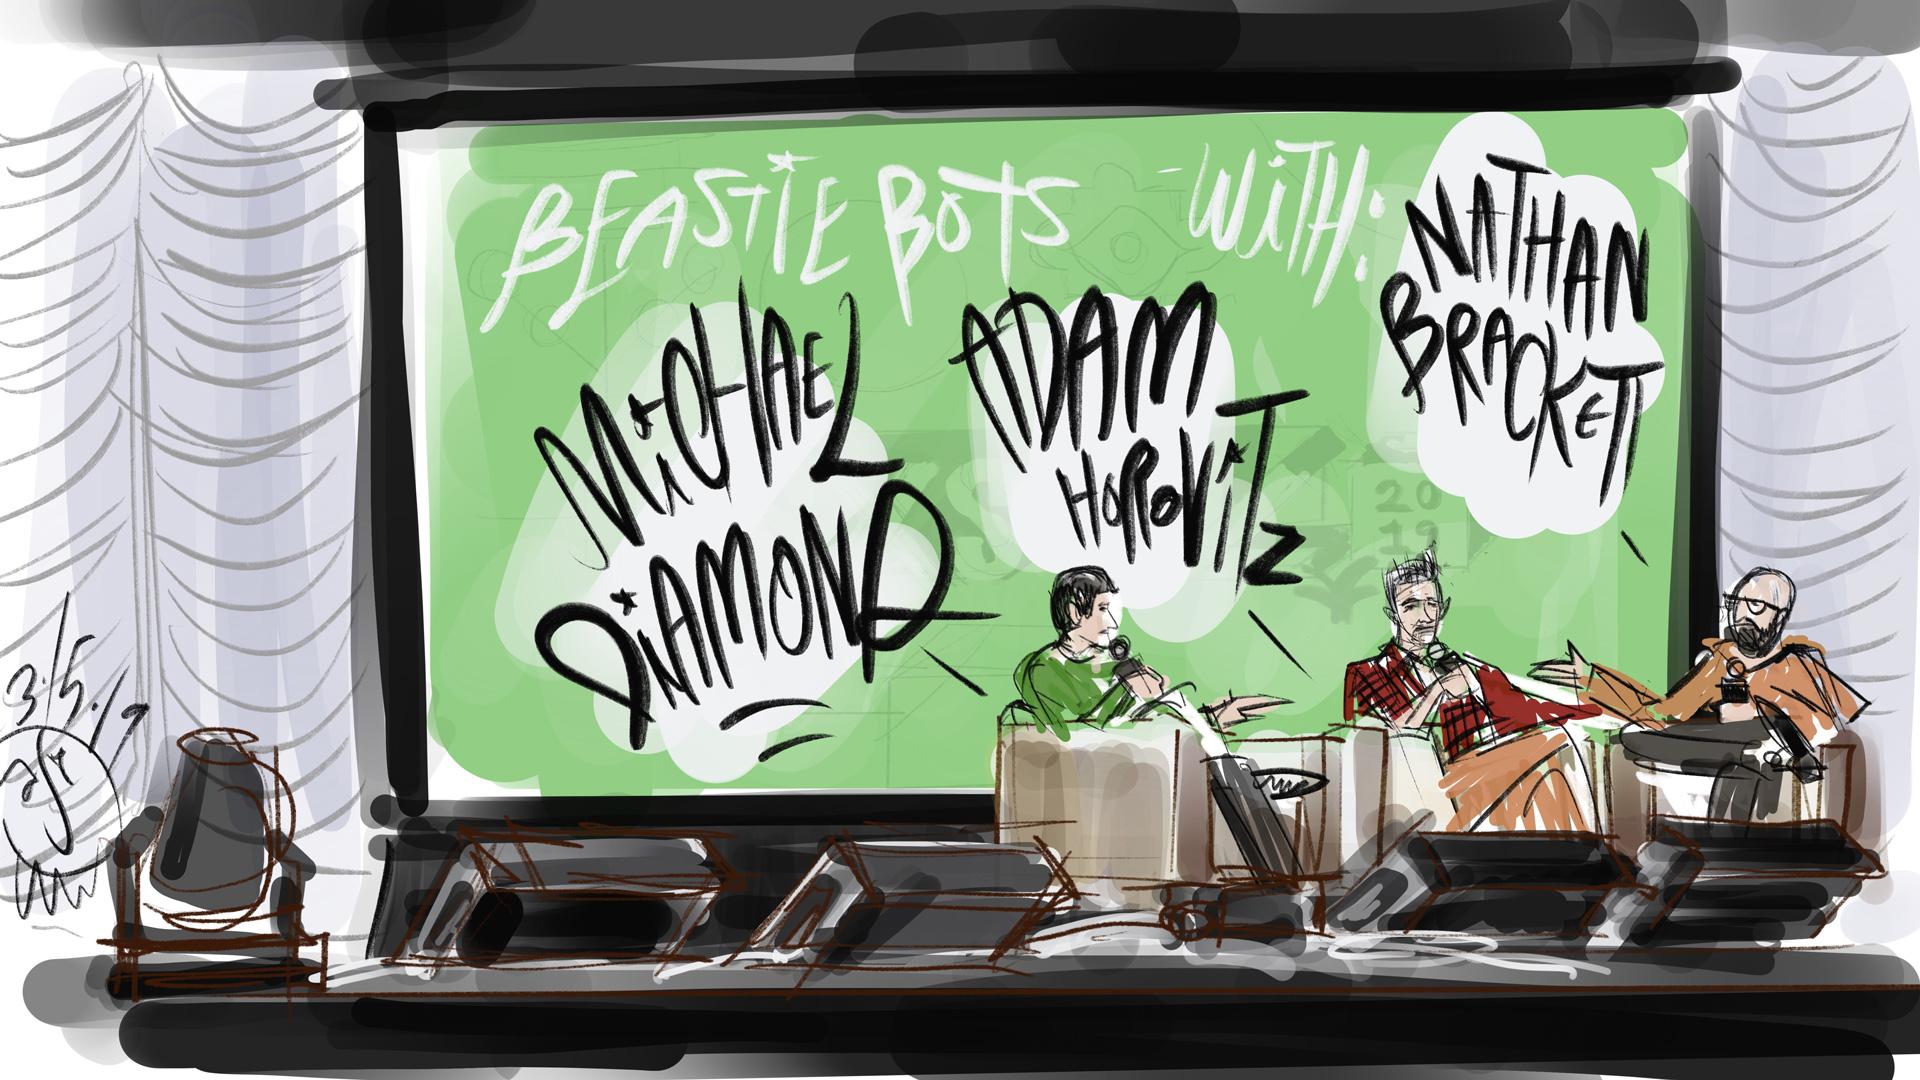 Beastie Boys Mike D and Adam Horovitz speak to Nathan Brackett at SXSW 2019